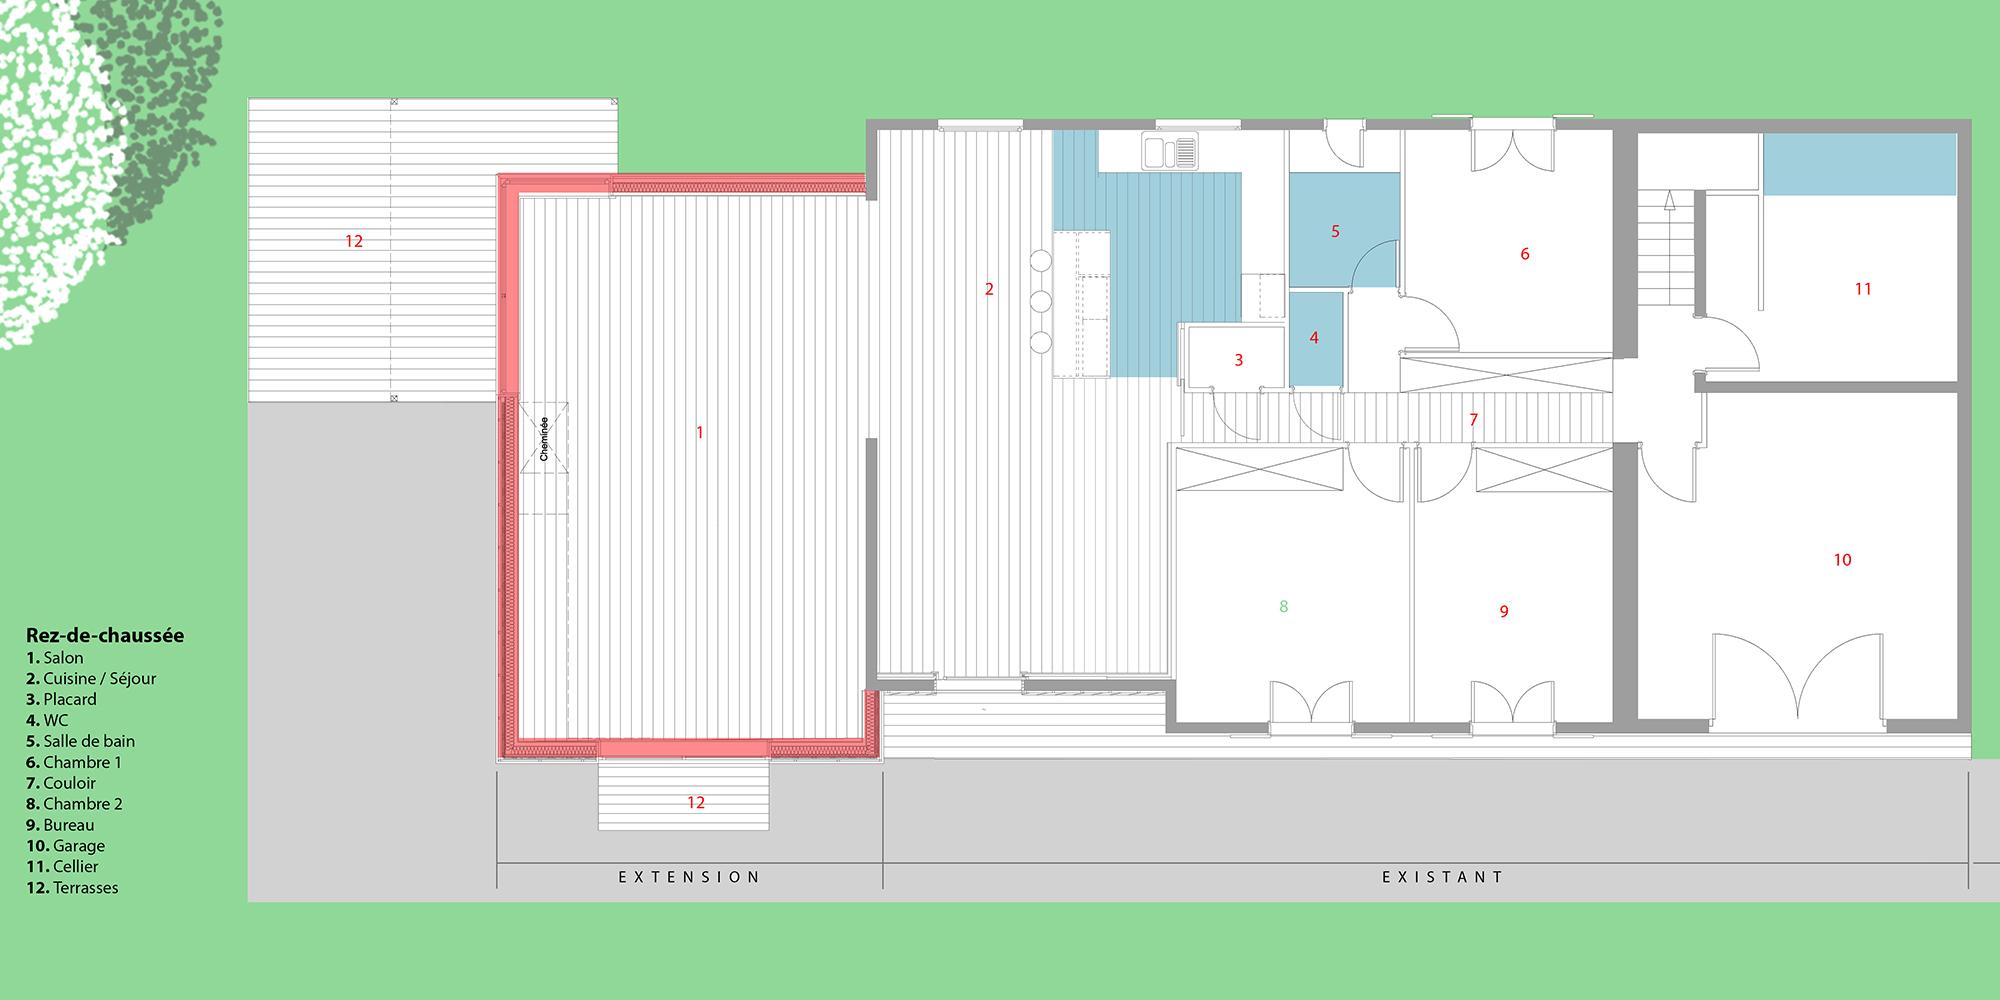 A traits architecture design graphique maison b saucats for Architecture graphique